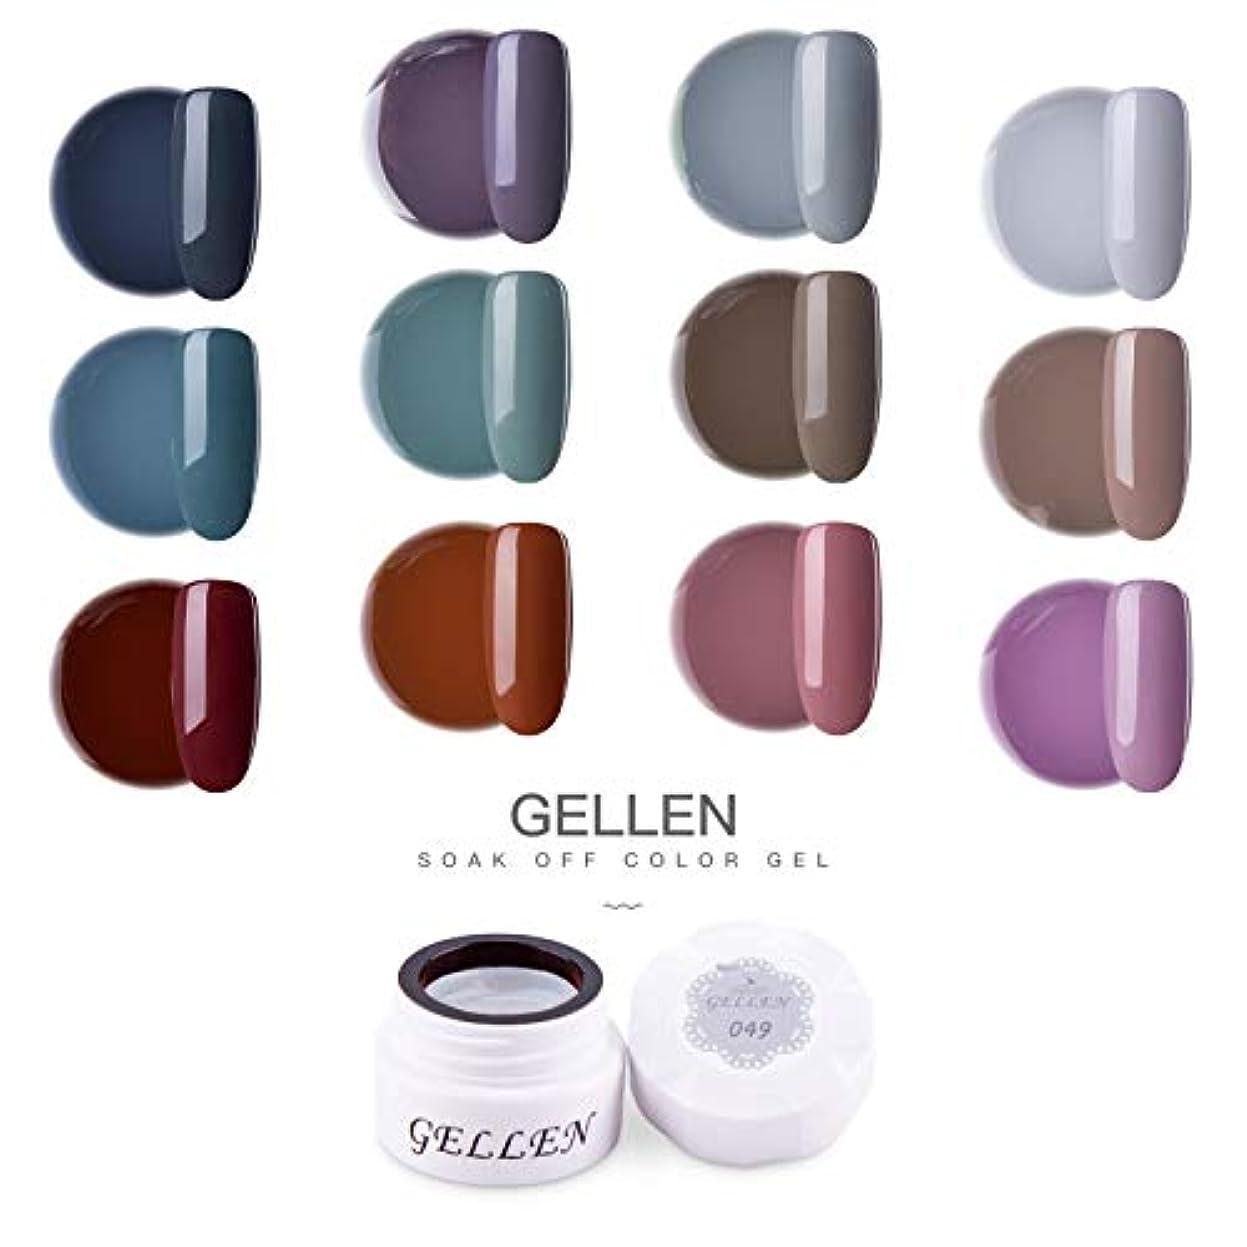 継続中真鍮暖炉Gellen カラージェル 12色 セット[クラッシク シリーズ]高品質 5g ジェルネイル カラー ネイルブラシ付き